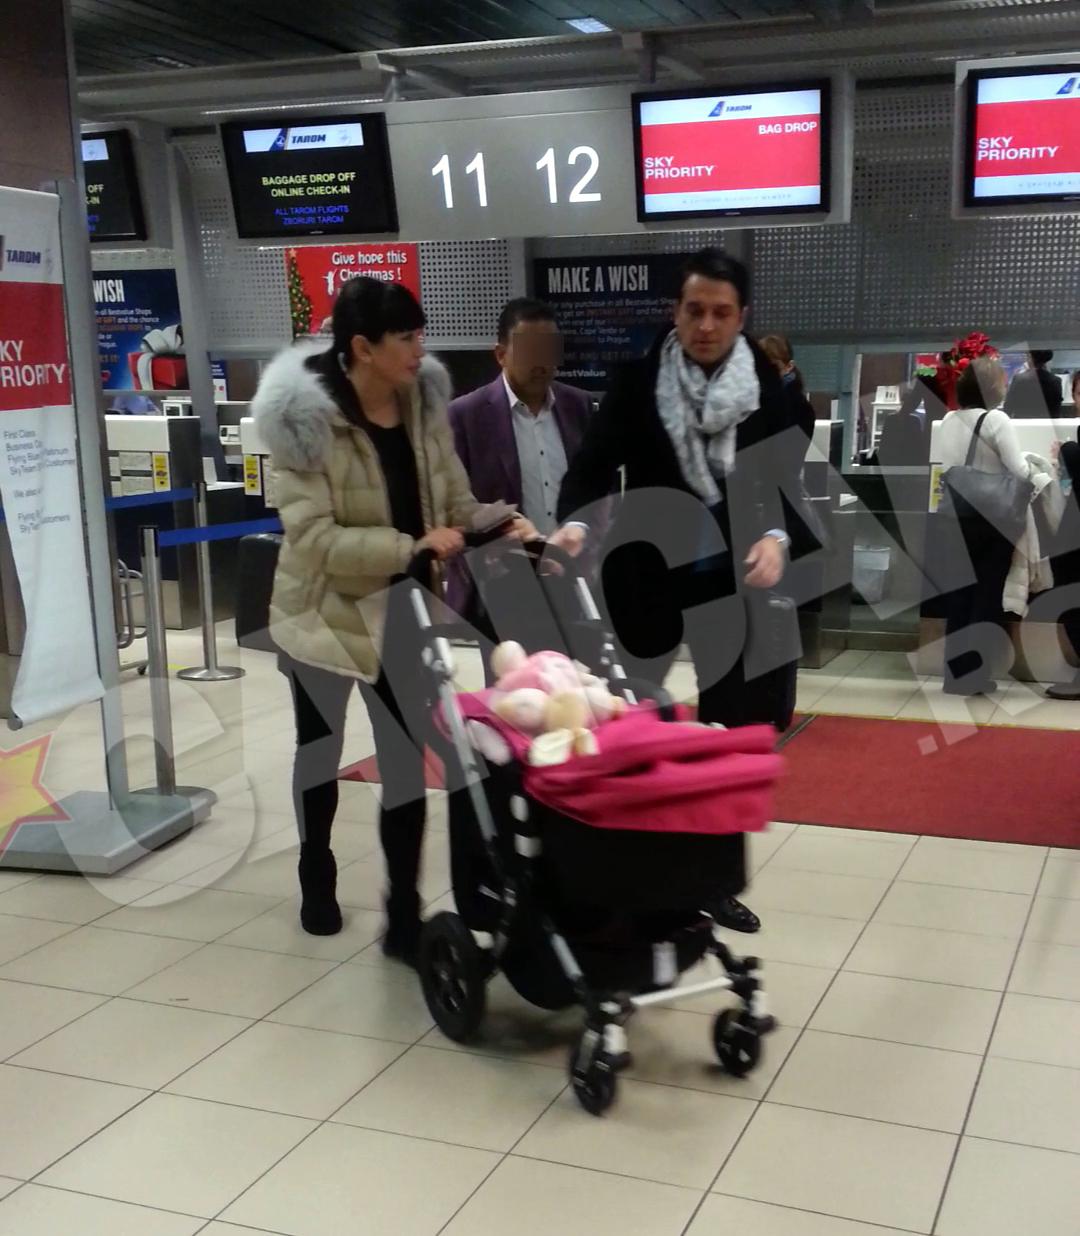 Elena si Bogdan s-au intalnit cu un prieten in aeroport